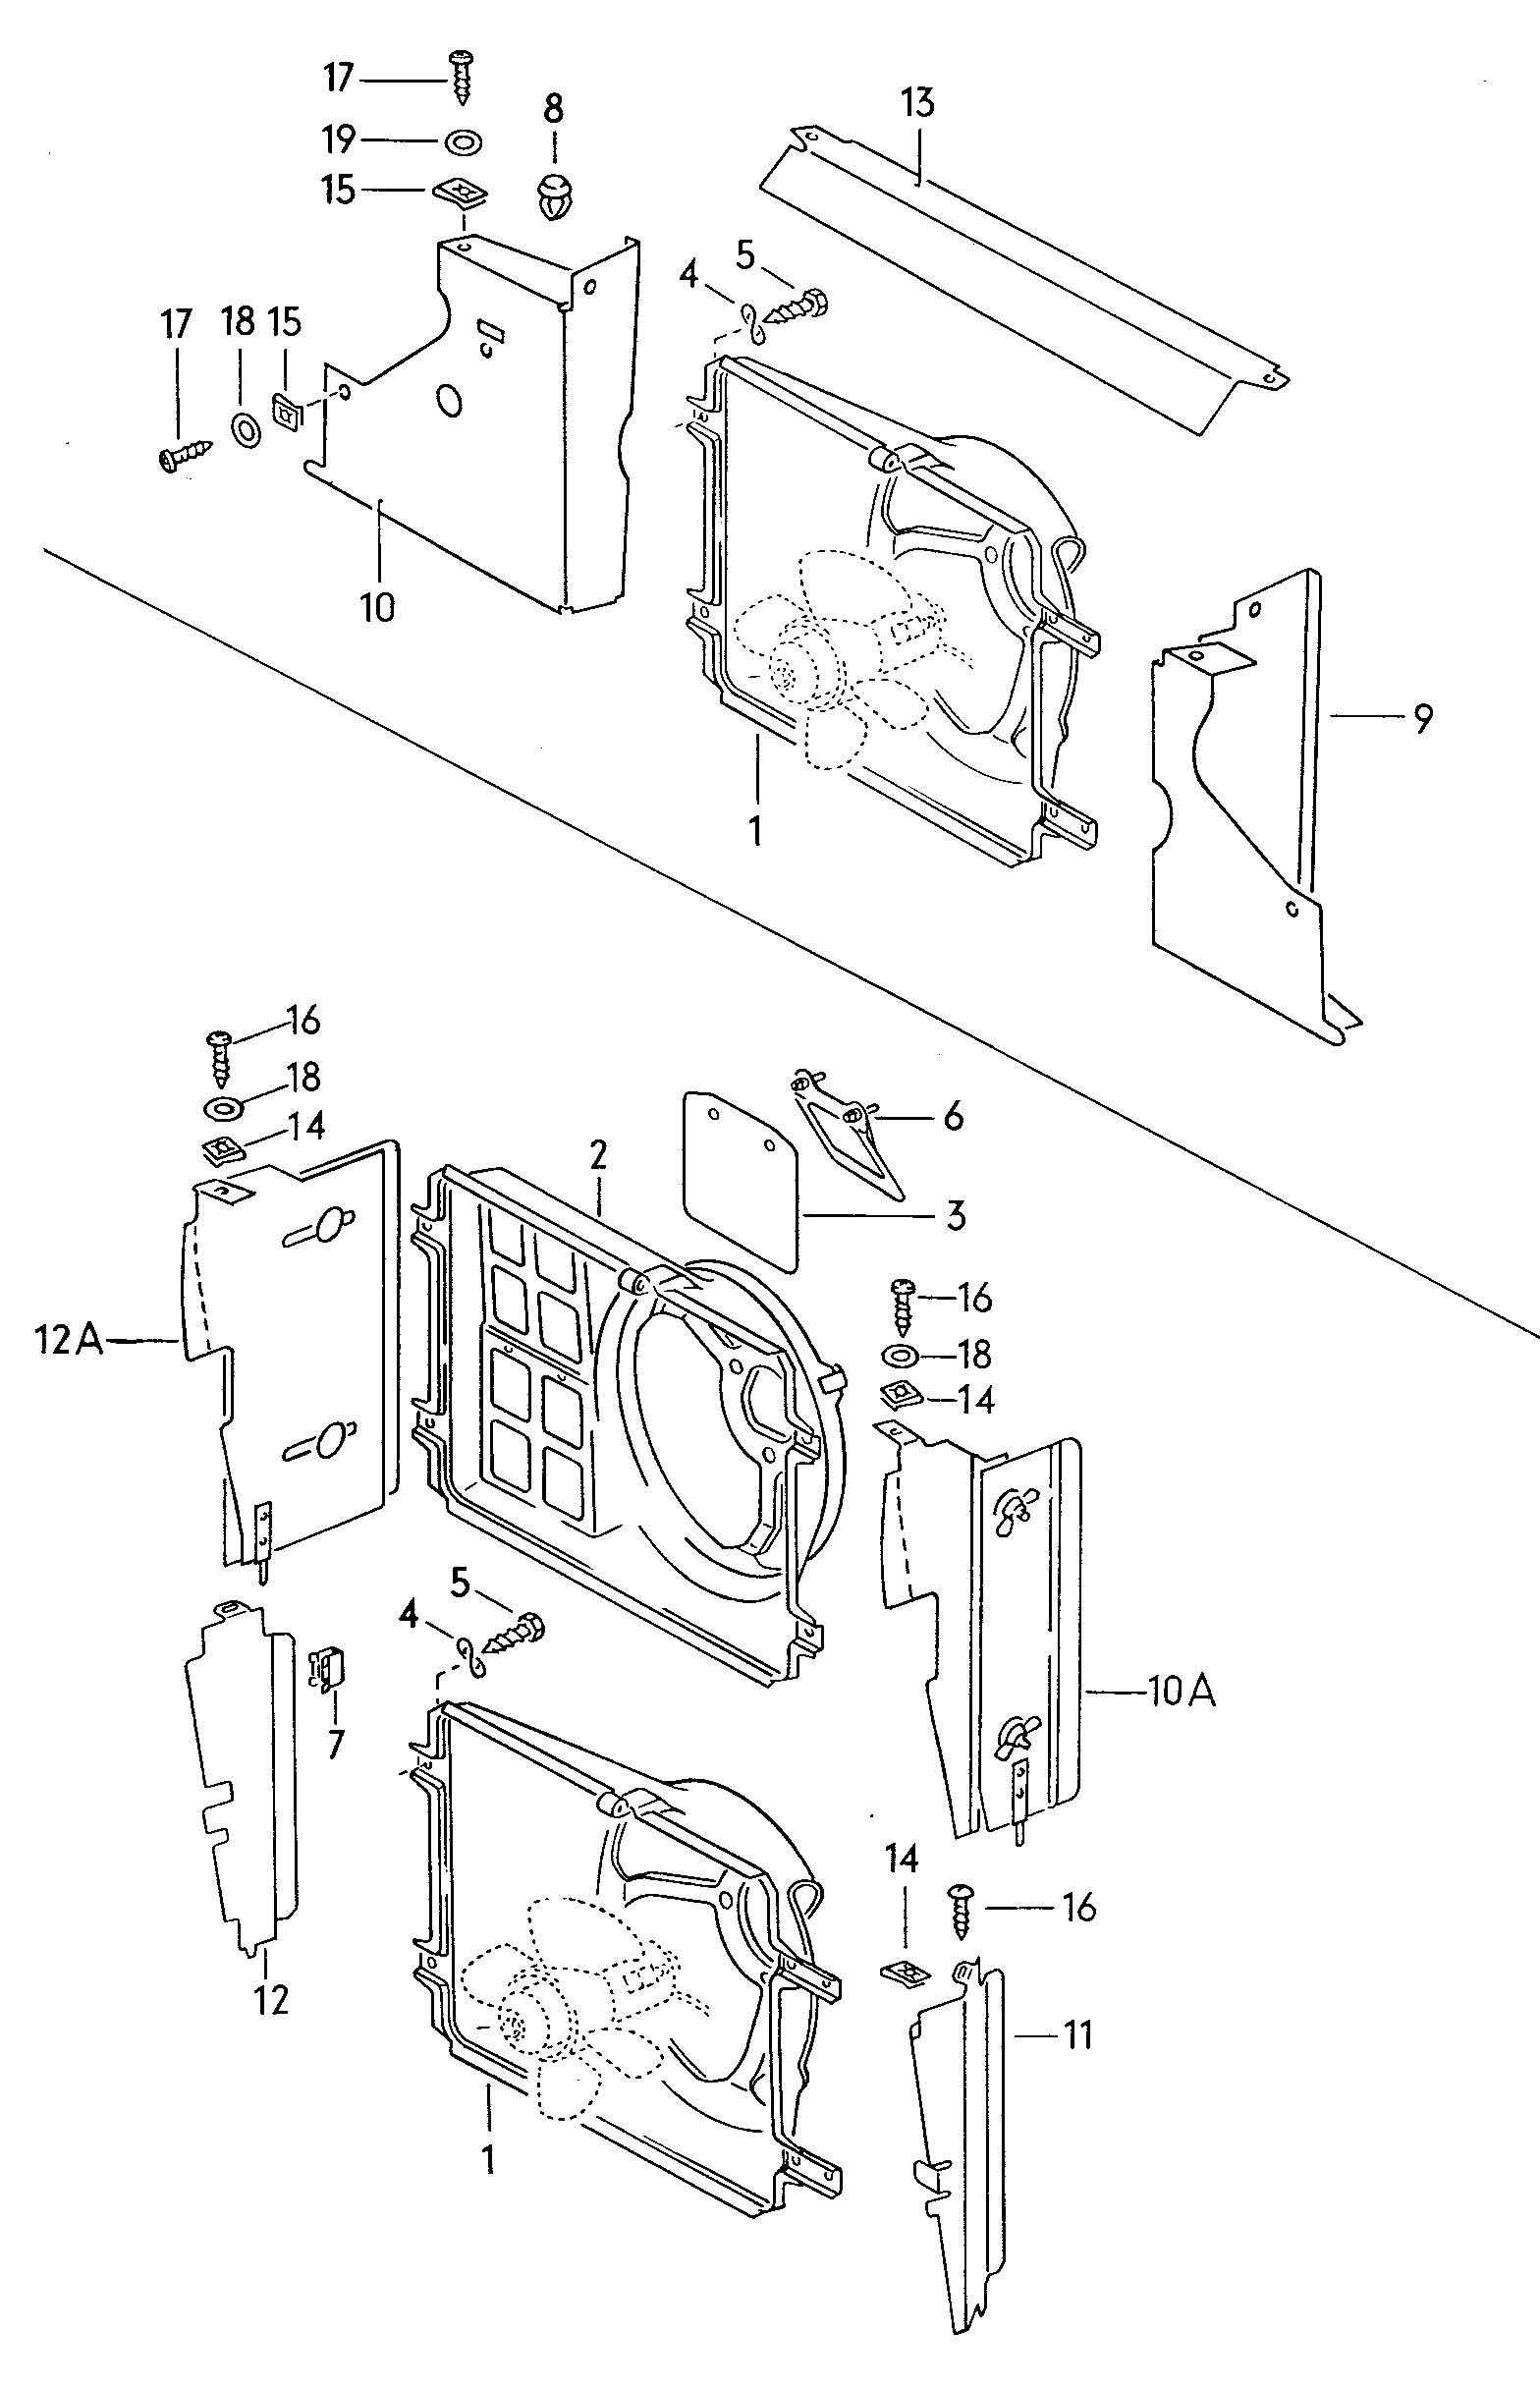 98 vw cabrio transmission